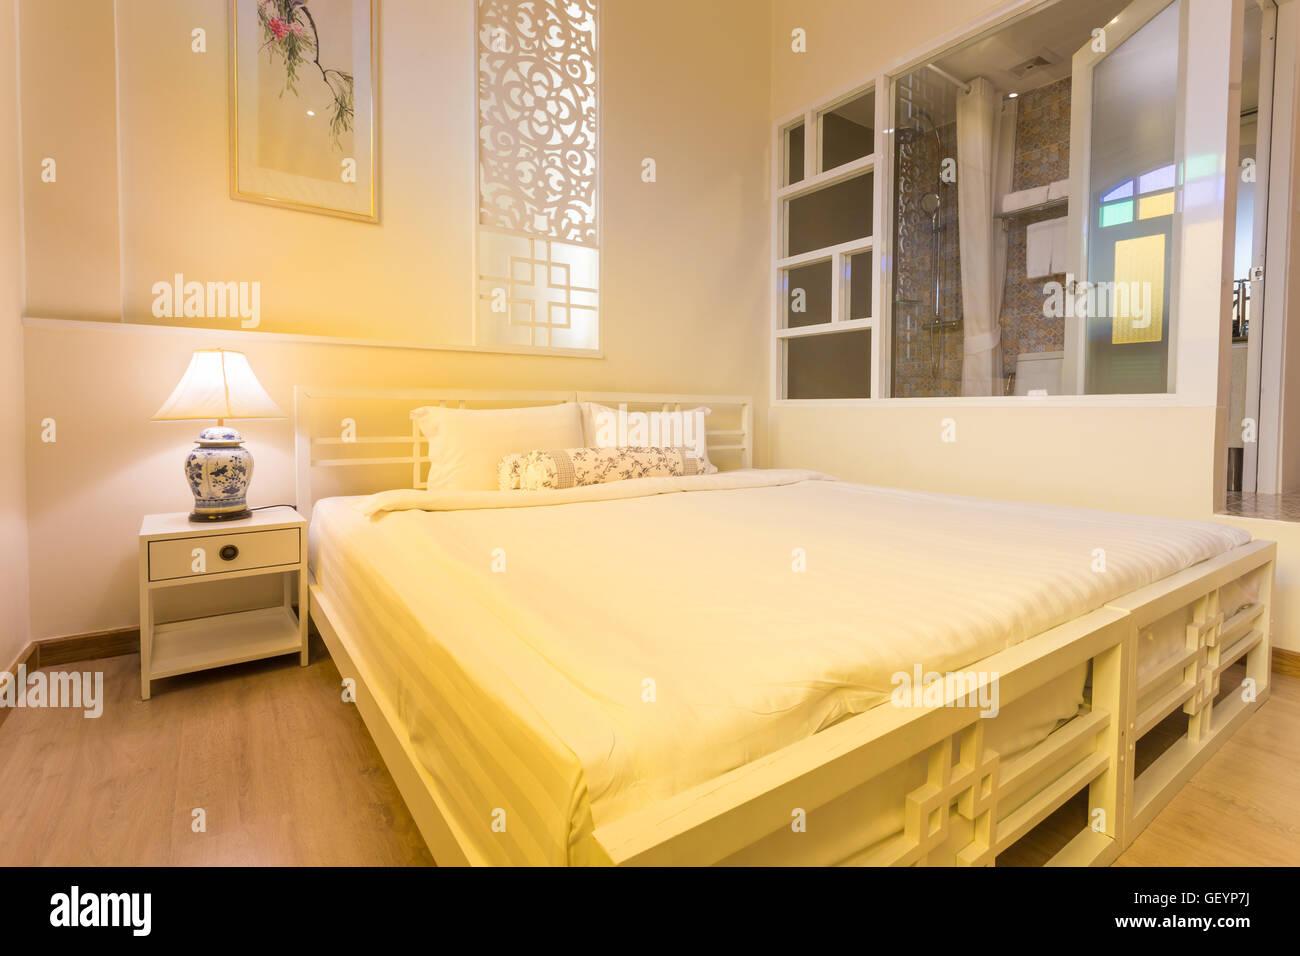 Abstrakte Schlafzimmer in hellen warmen Farben groes bequemes Doppelbett im eleganten